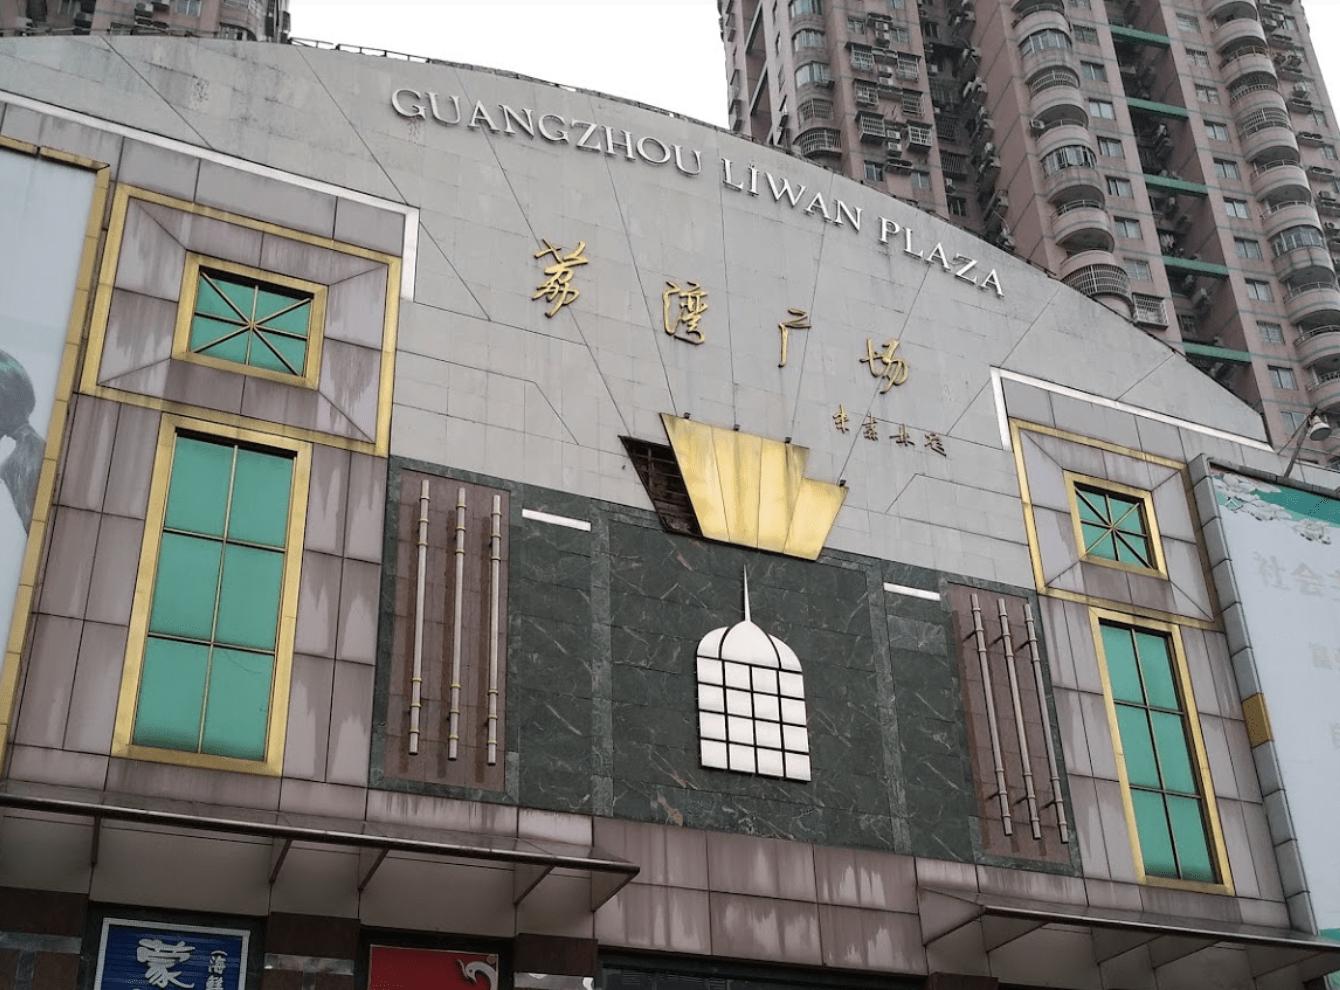 guangzhou liwan plaza 1